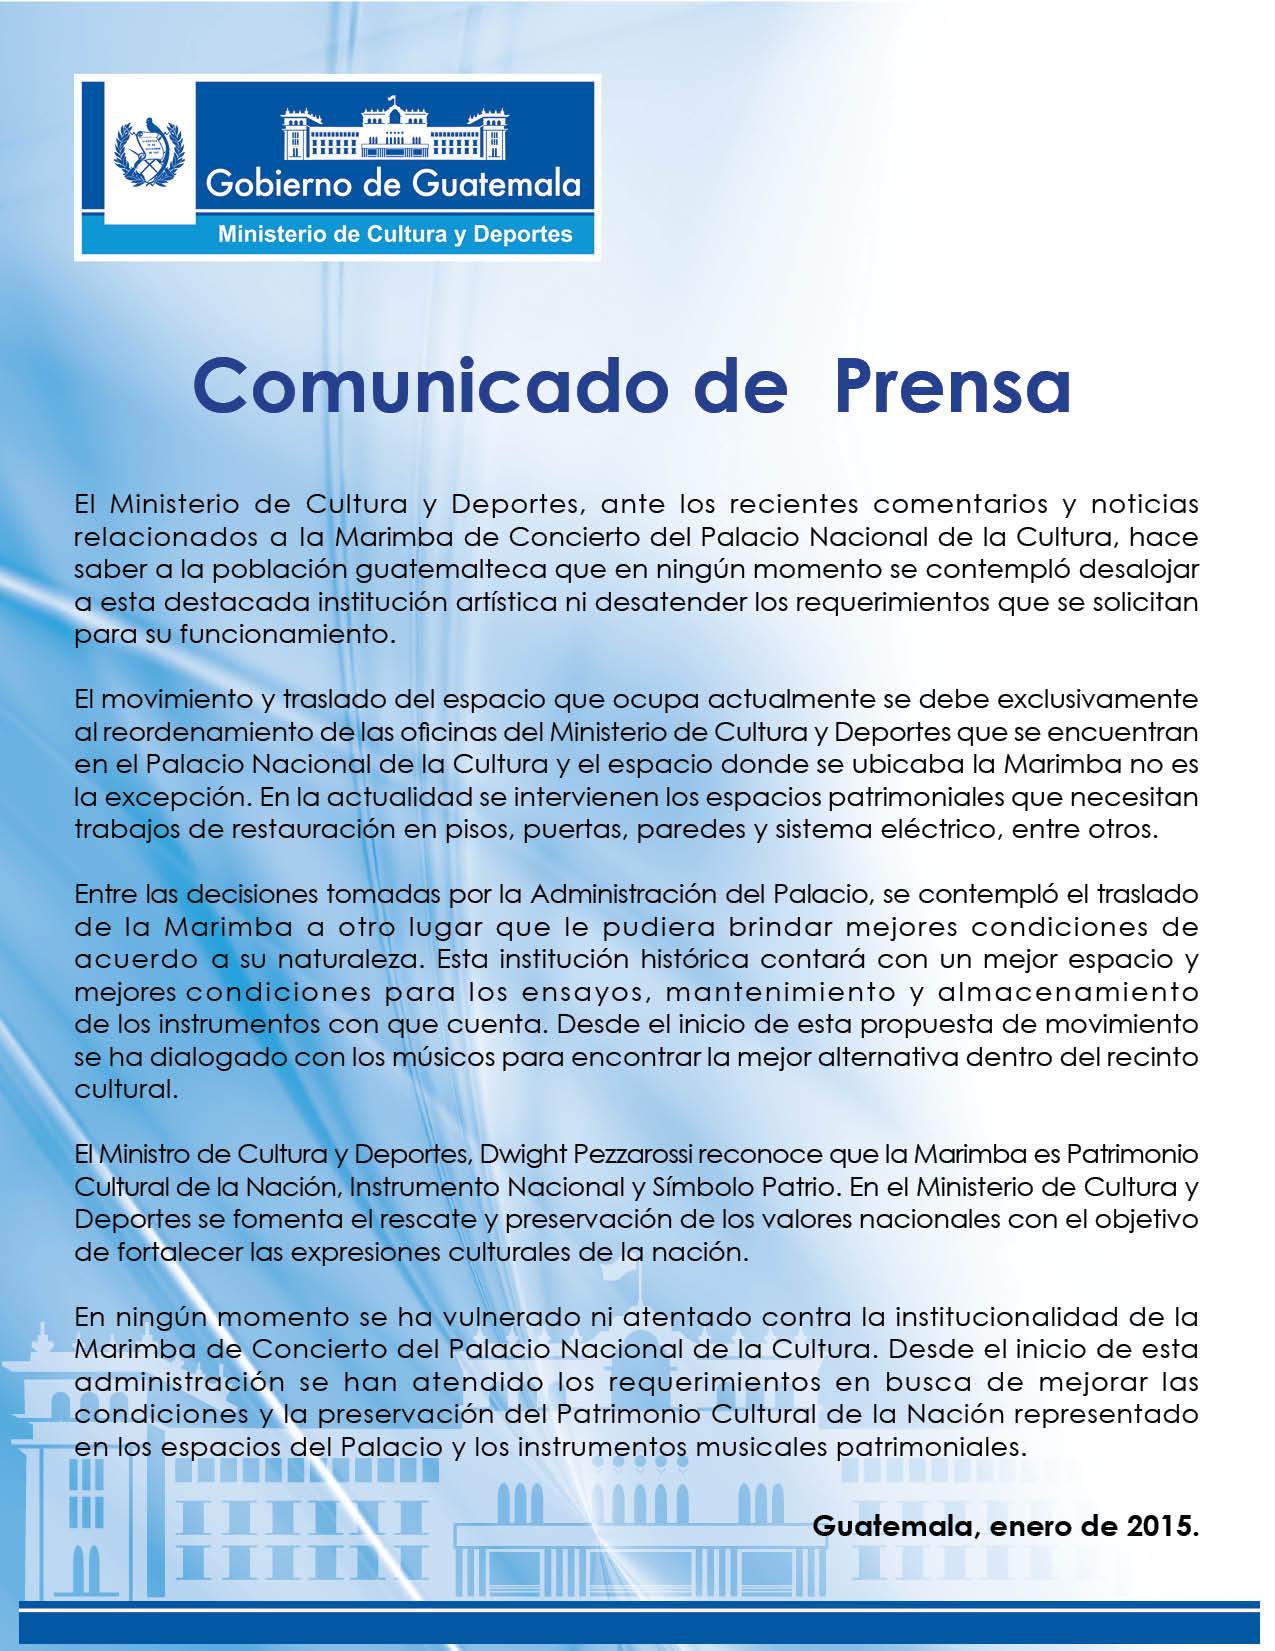 Comunicado de Prensa Marimba